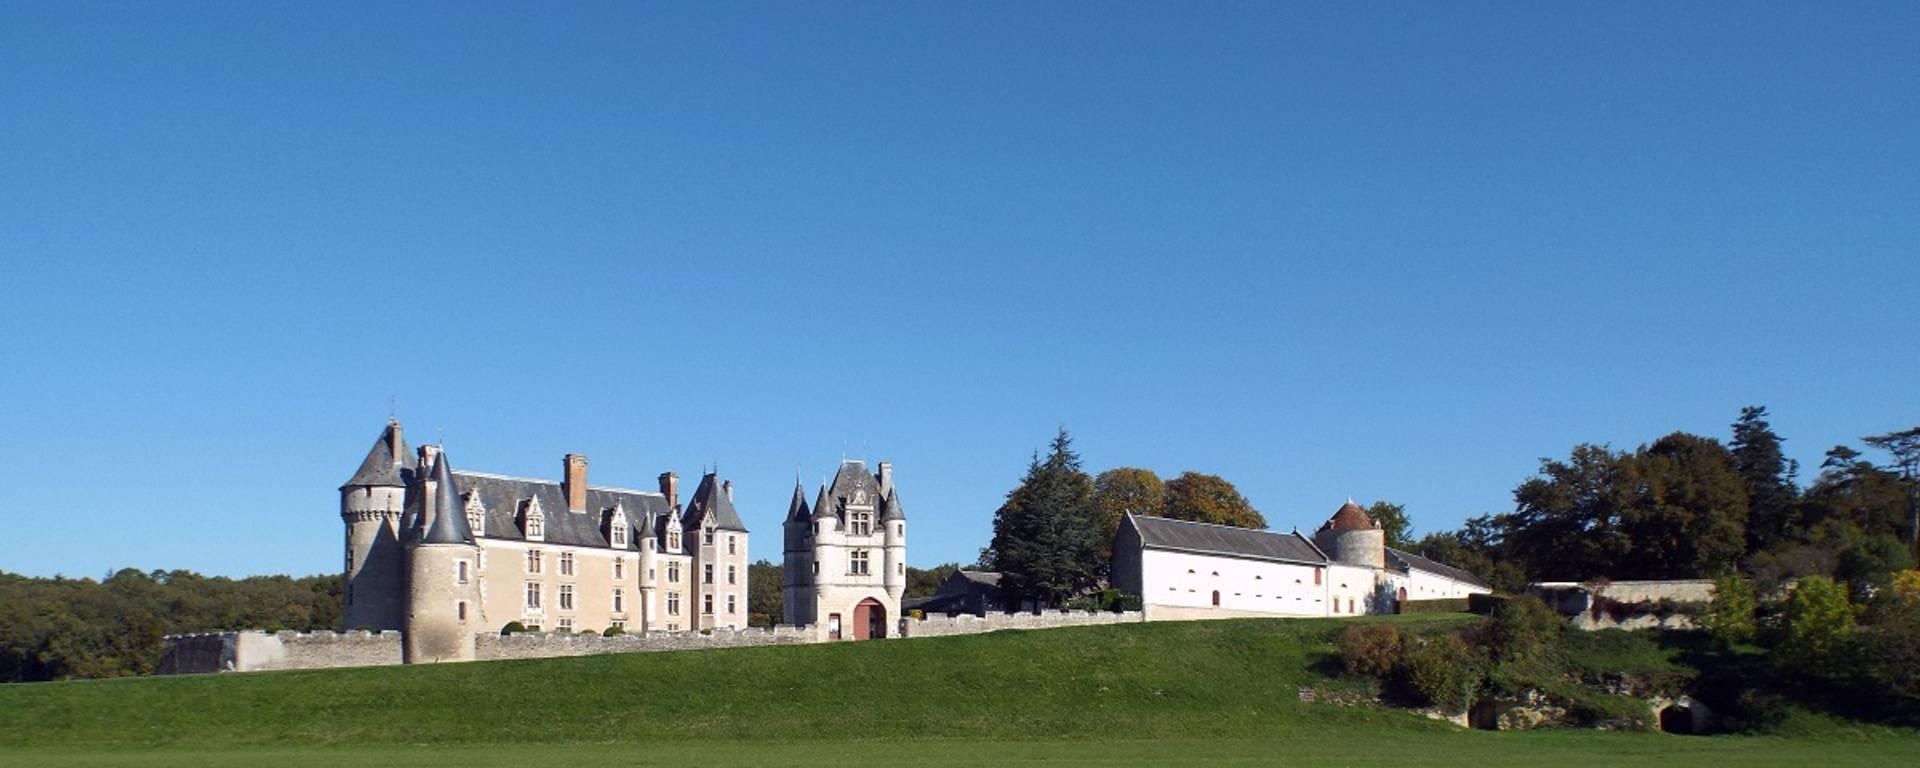 Vue extérieur du château de Montpoupon. © OTBC